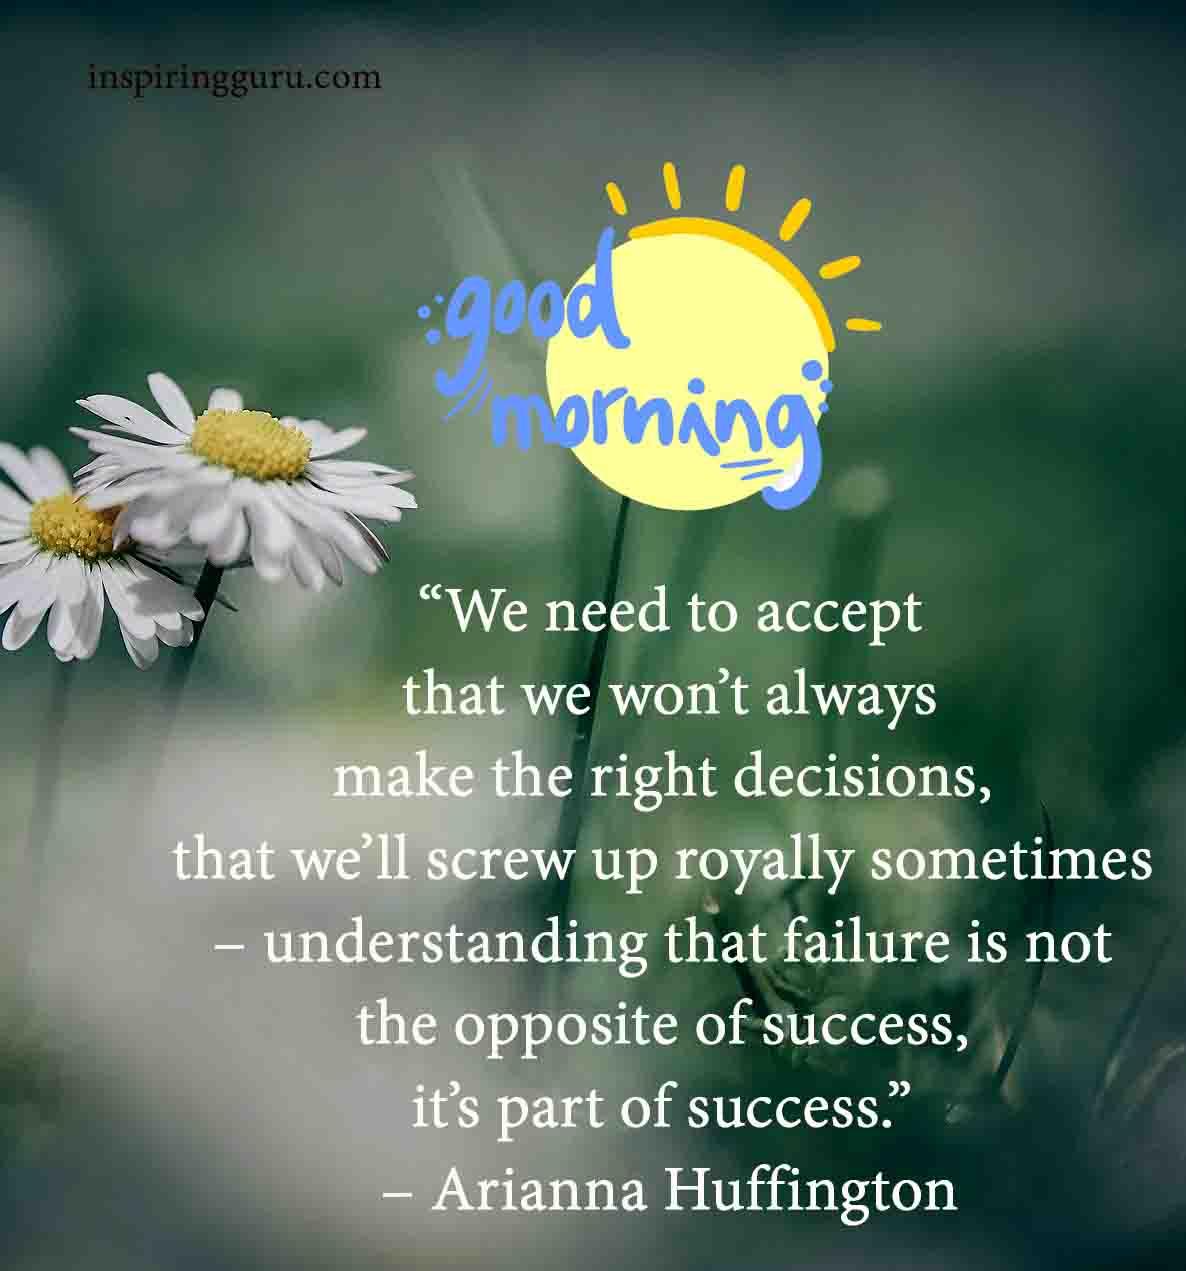 Good Morning inspiring guru